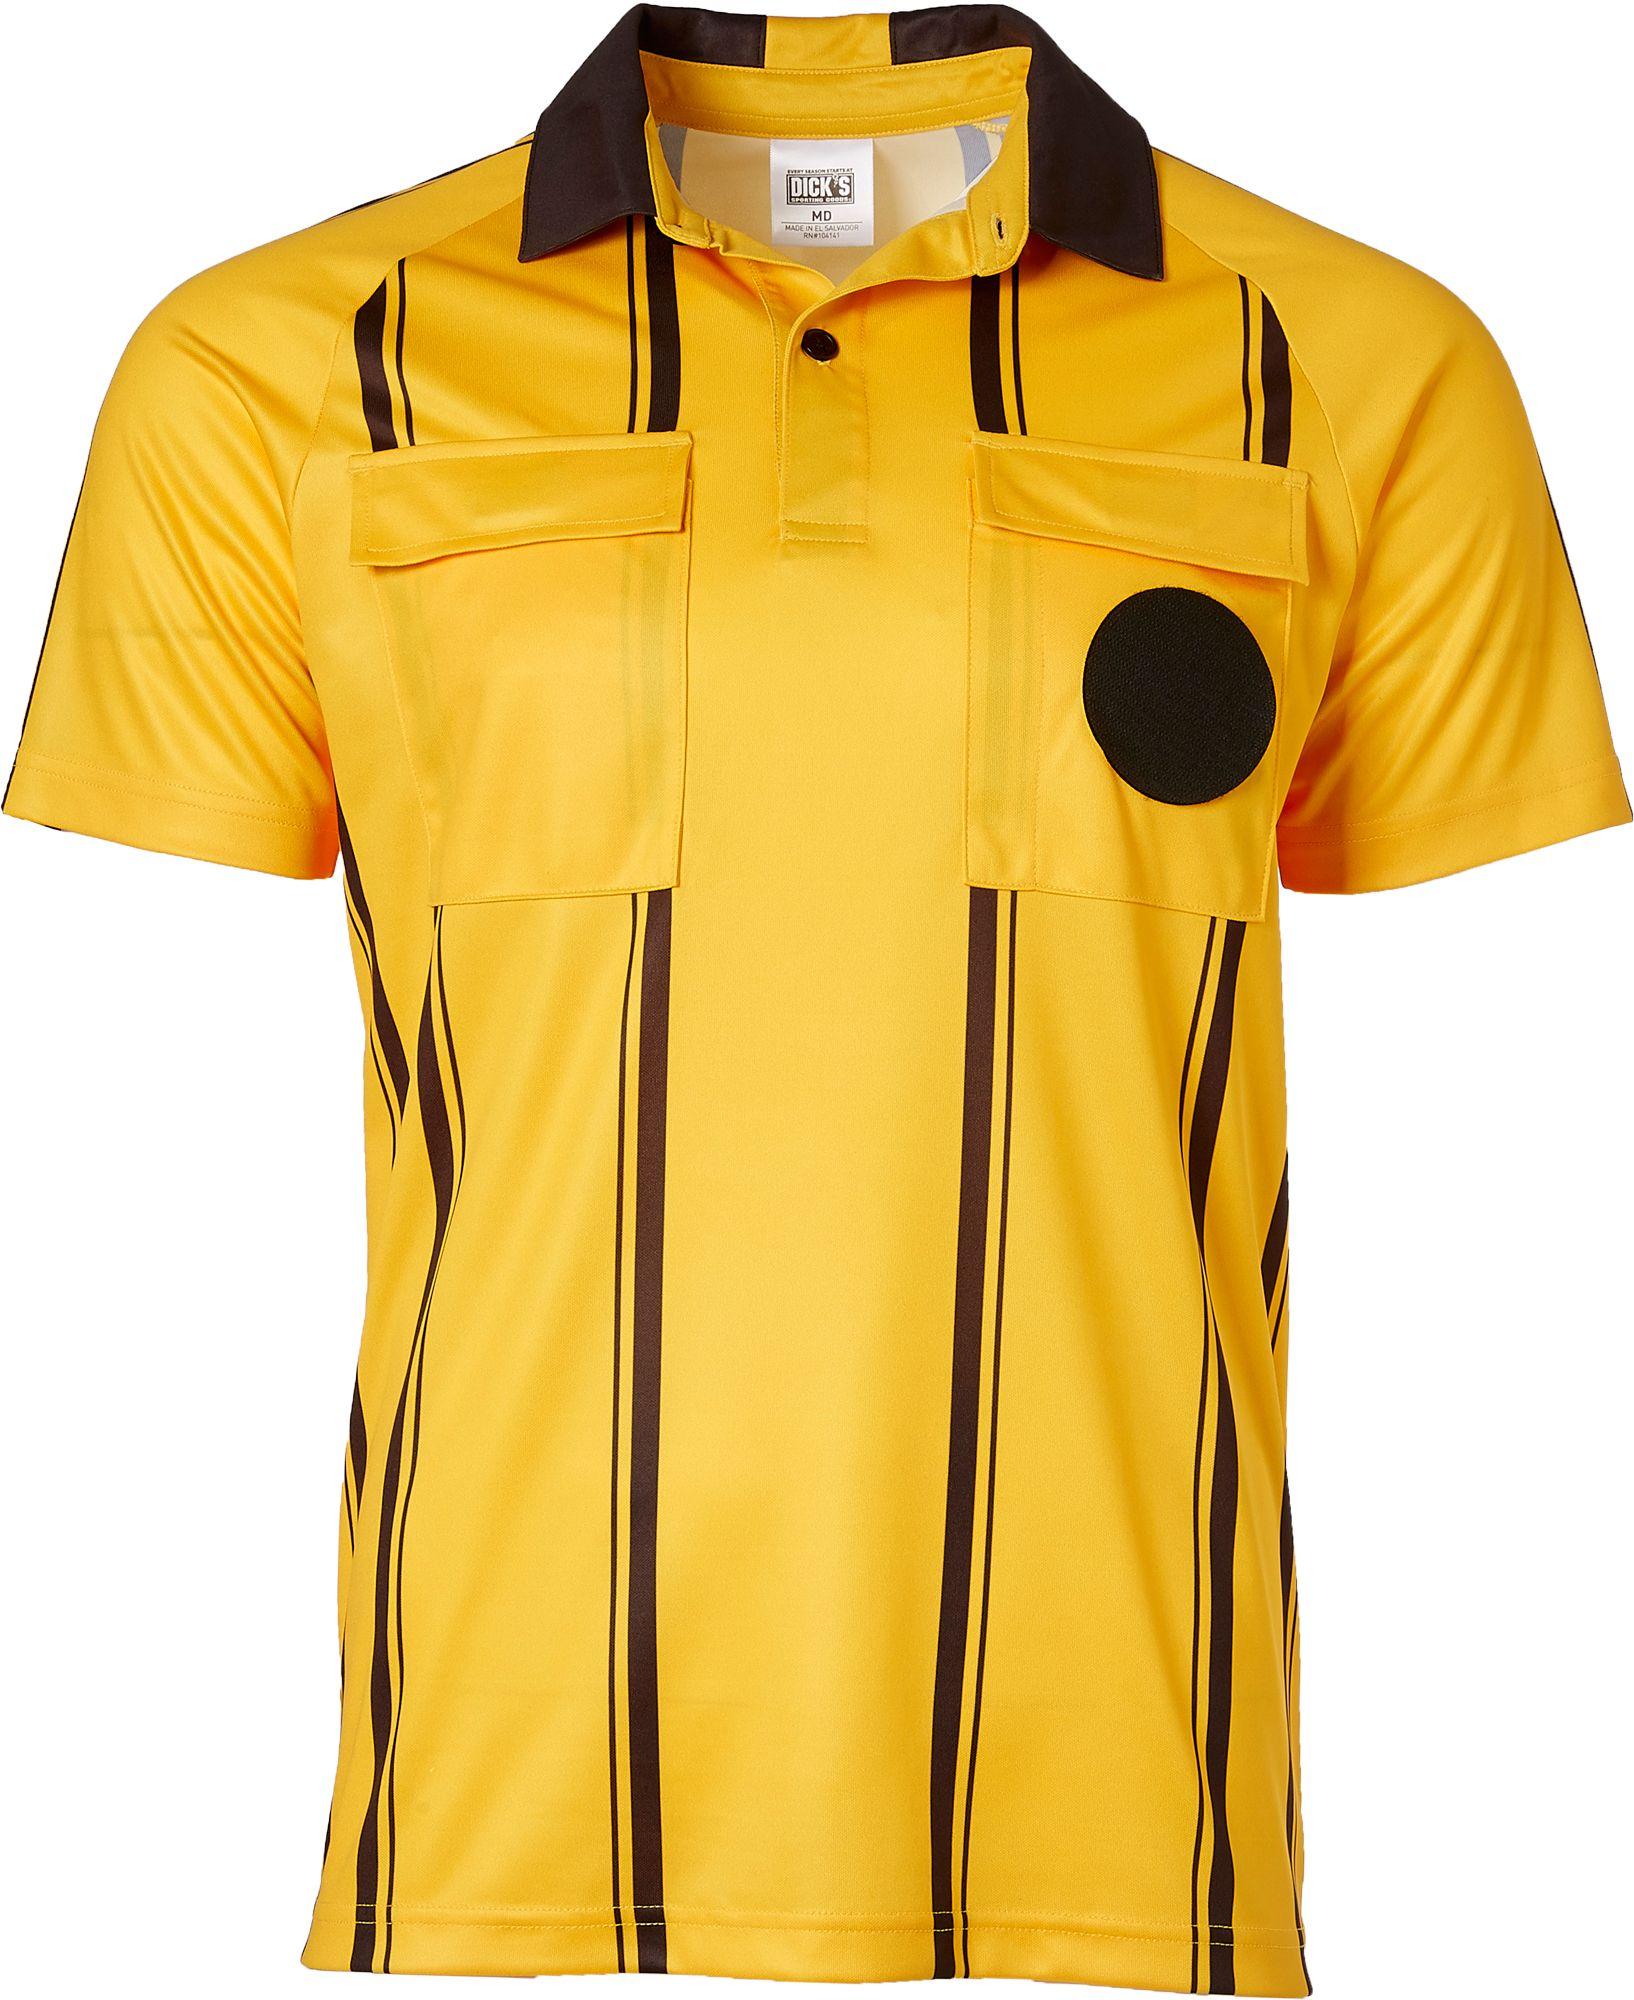 dicks soccer jerseys